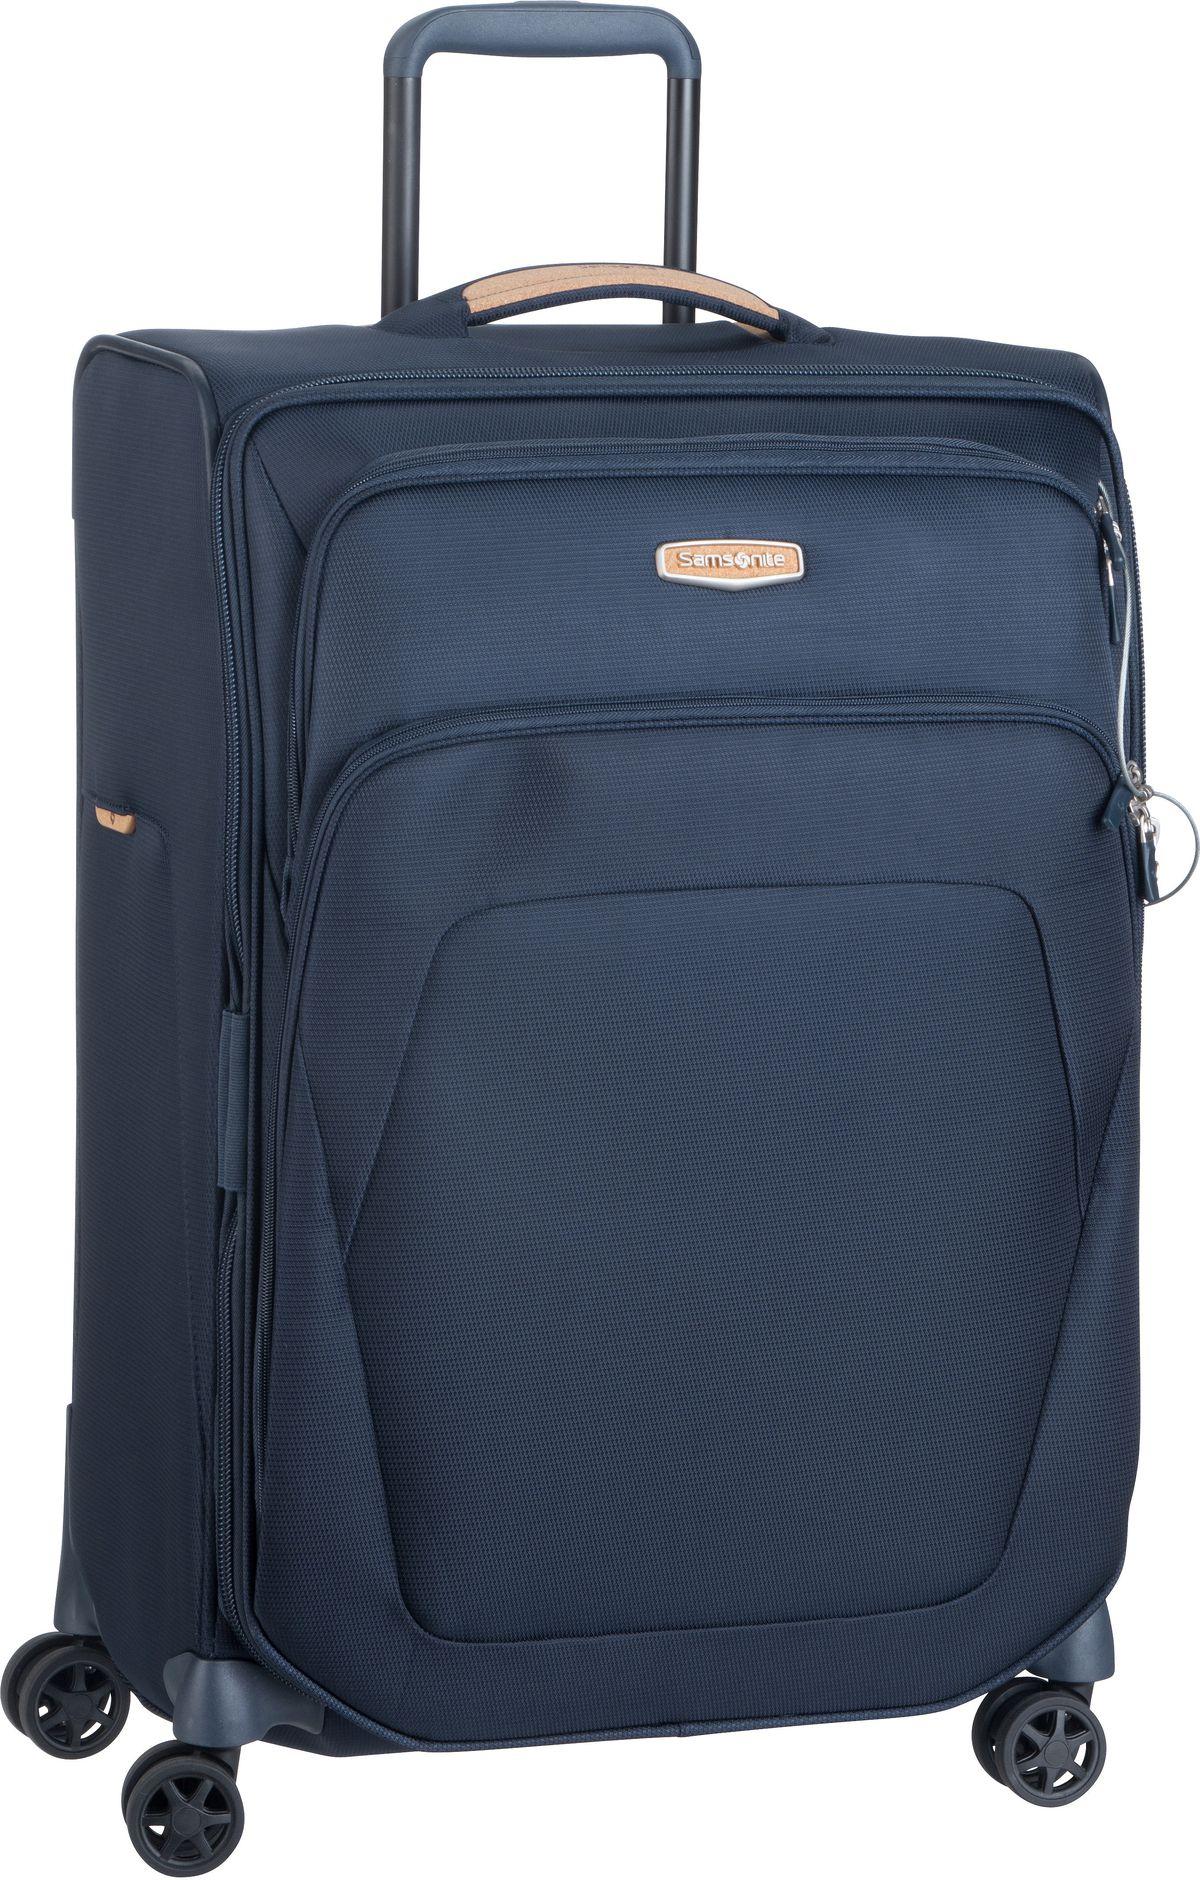 Reisegepaeck für Frauen - Samsonite Trolley Koffer Spark SNG ECO Spinner 67 Exp Eco Blue (82 Liter)  - Onlineshop Taschenkaufhaus